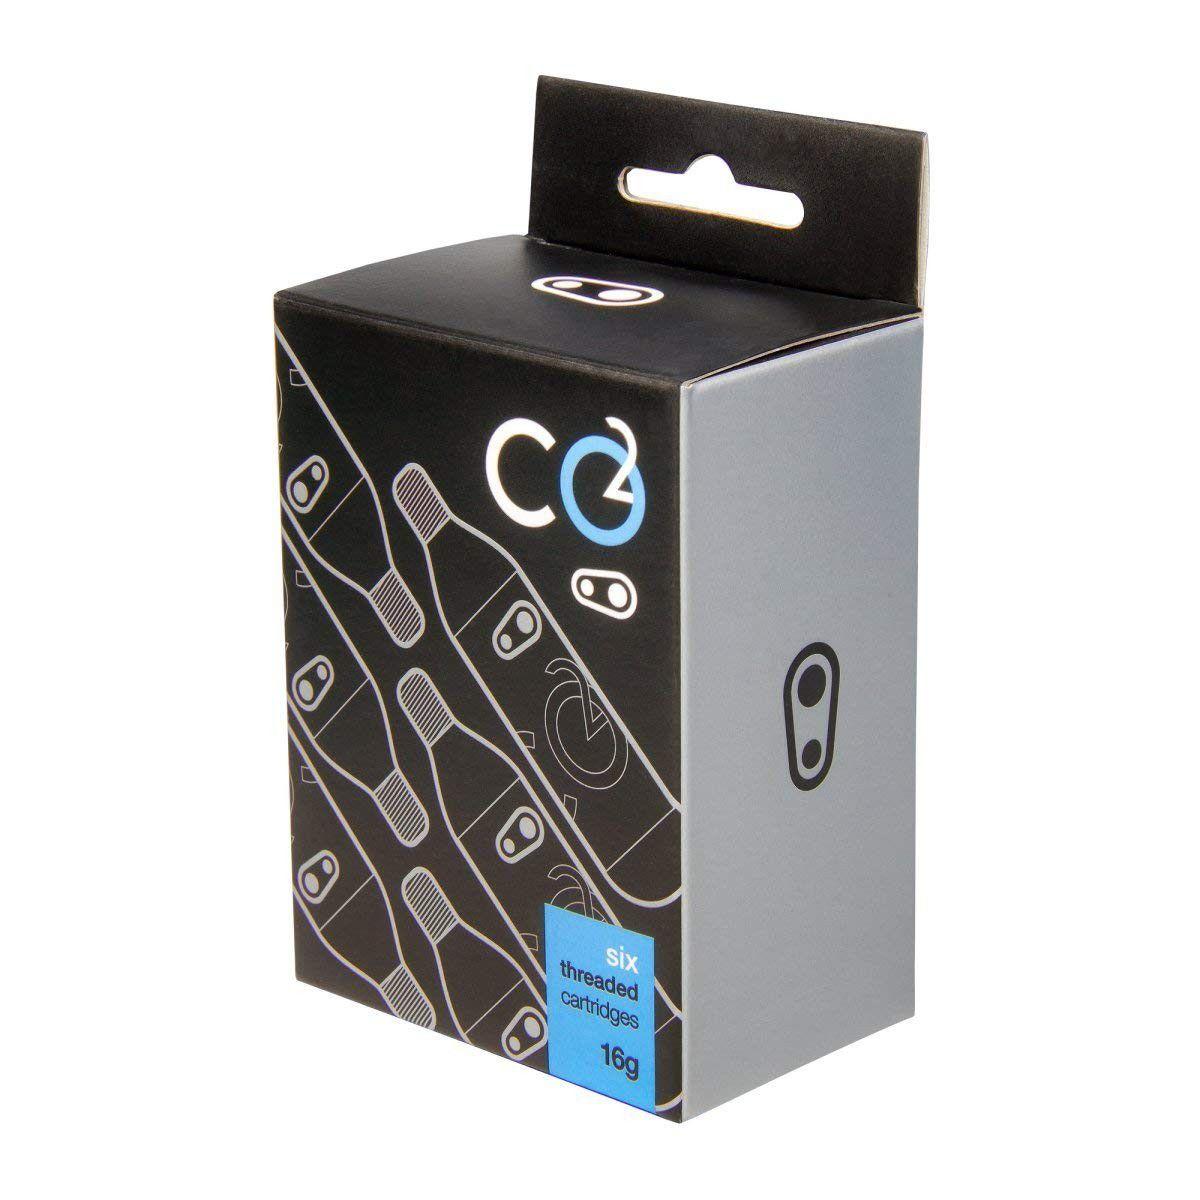 Kit Cilindro de CO2 para pneus de bicicleta com 6 Cartuchos Crank Brothers